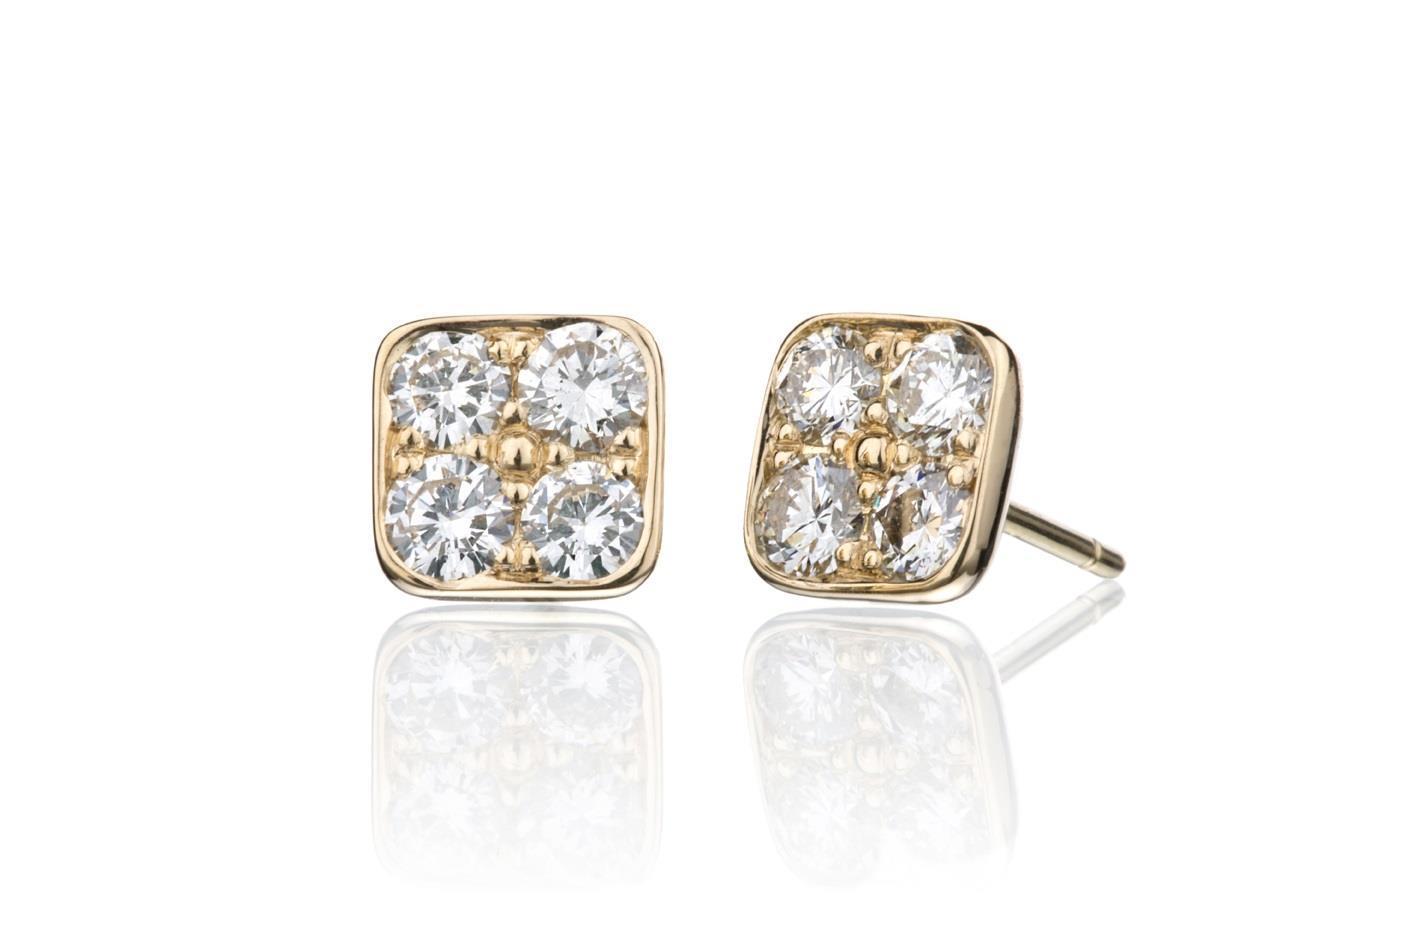 Gul lørepynt med diamanter. Custommade ørepynt. Omsmelting av kundens gull.